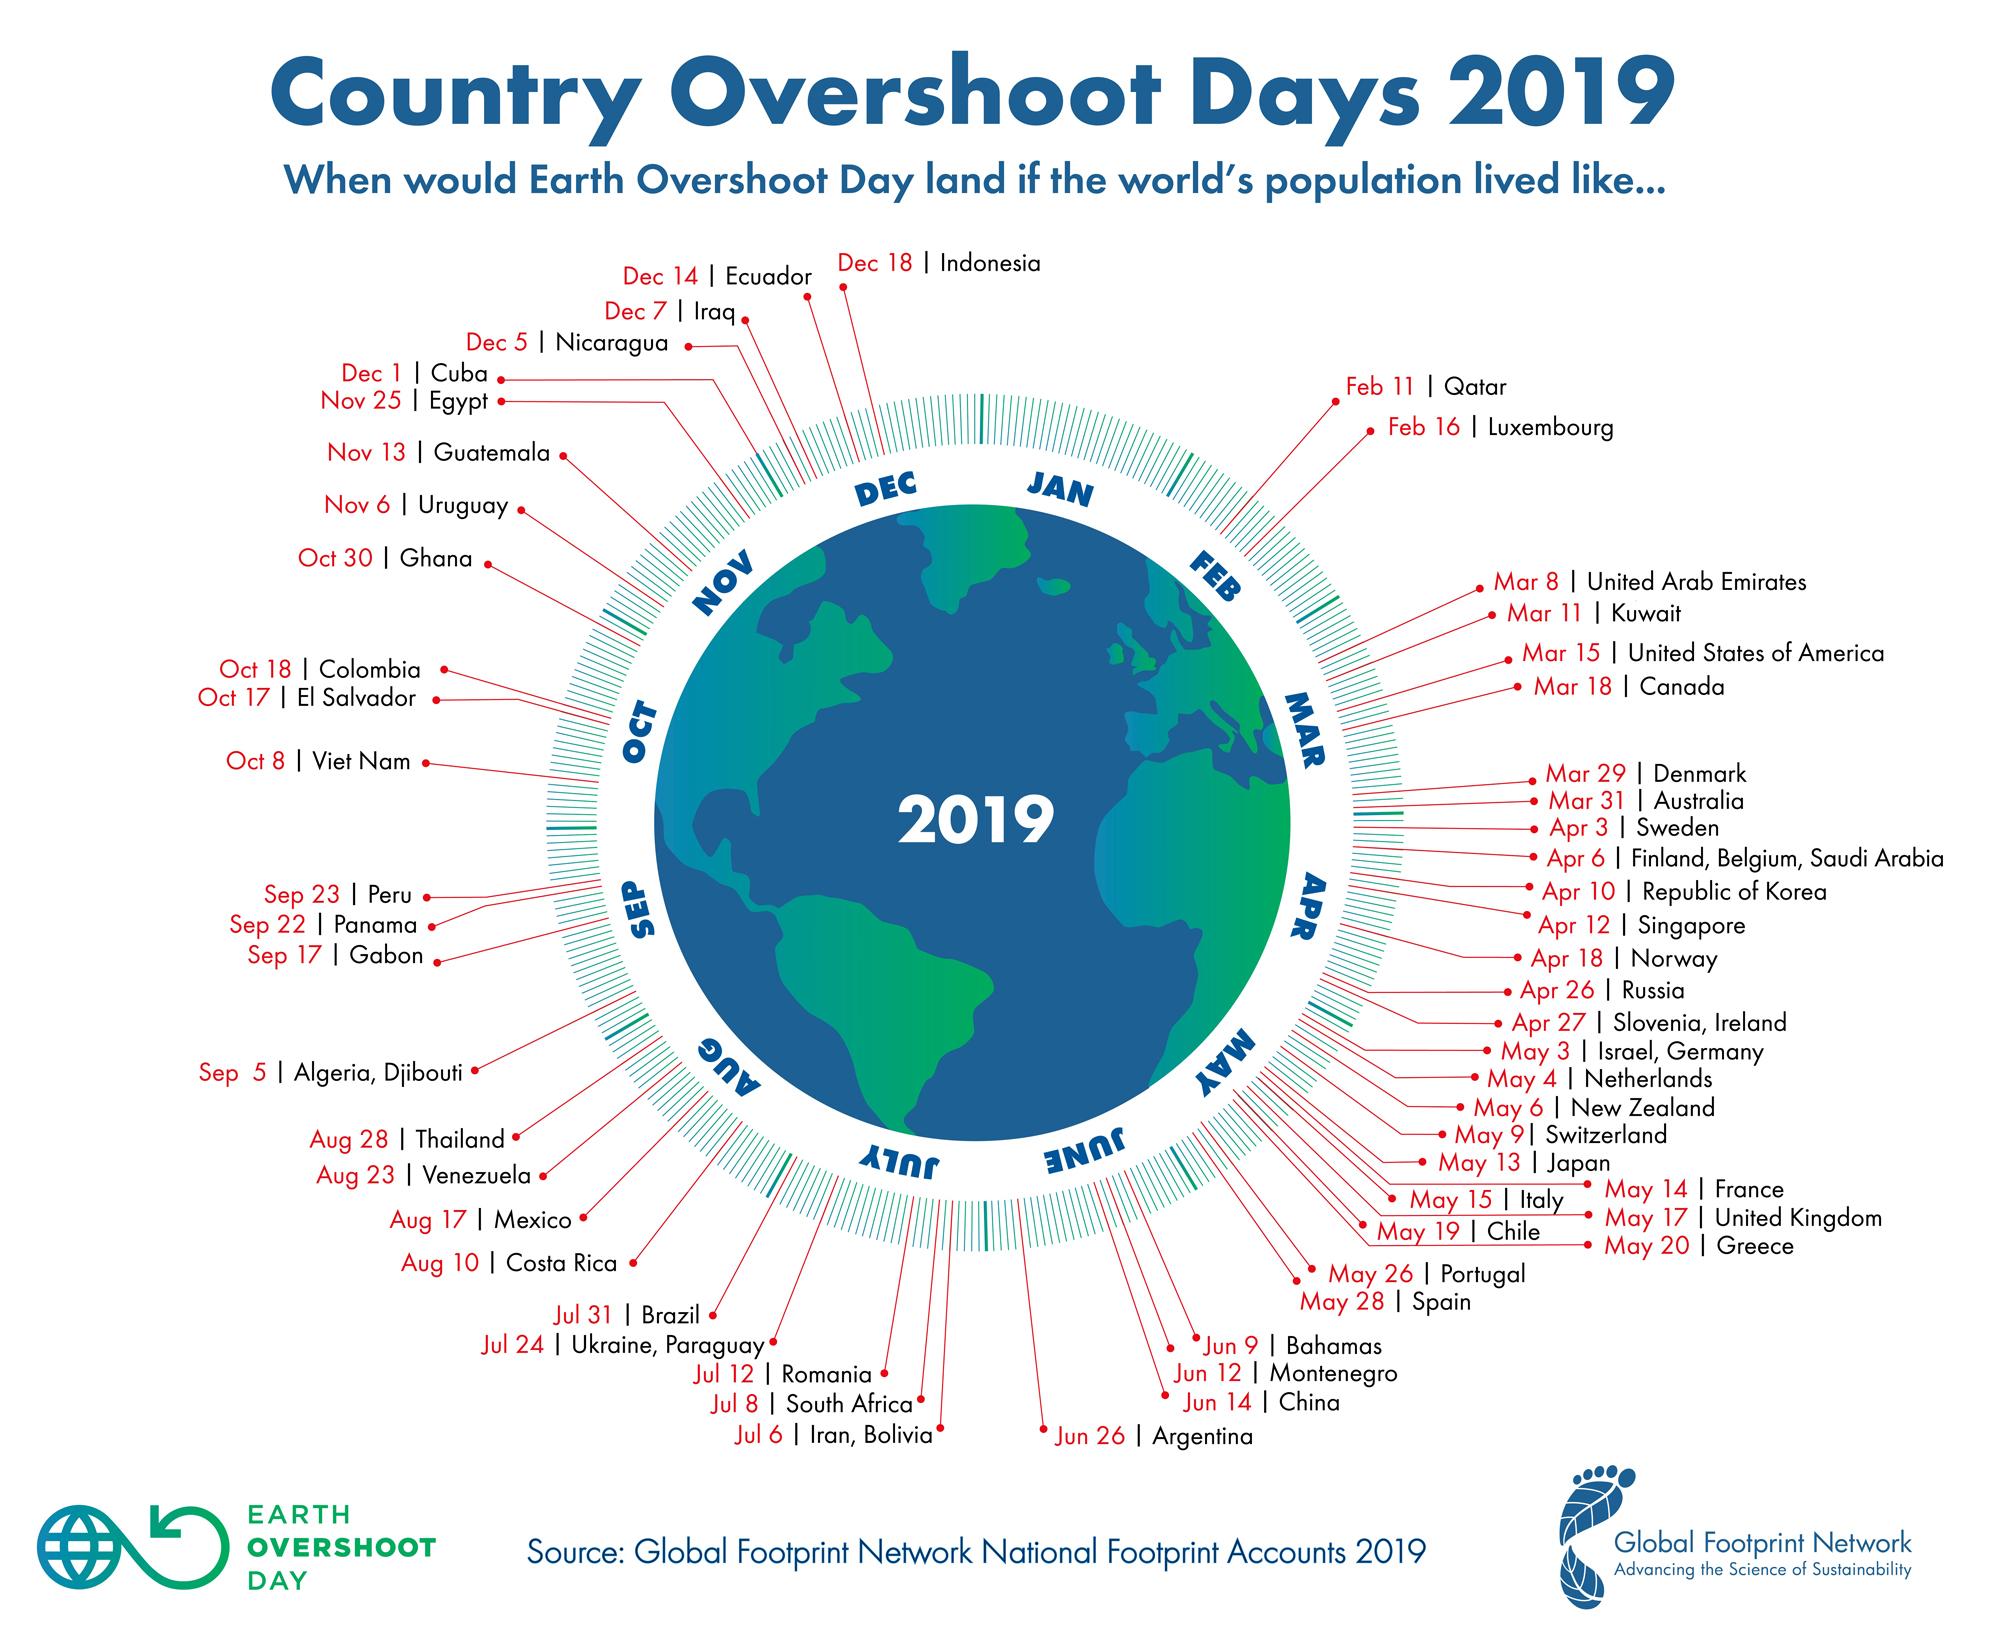 Country Overshoot Day (c) Global Footprint Network / www.footprintnetwork.org